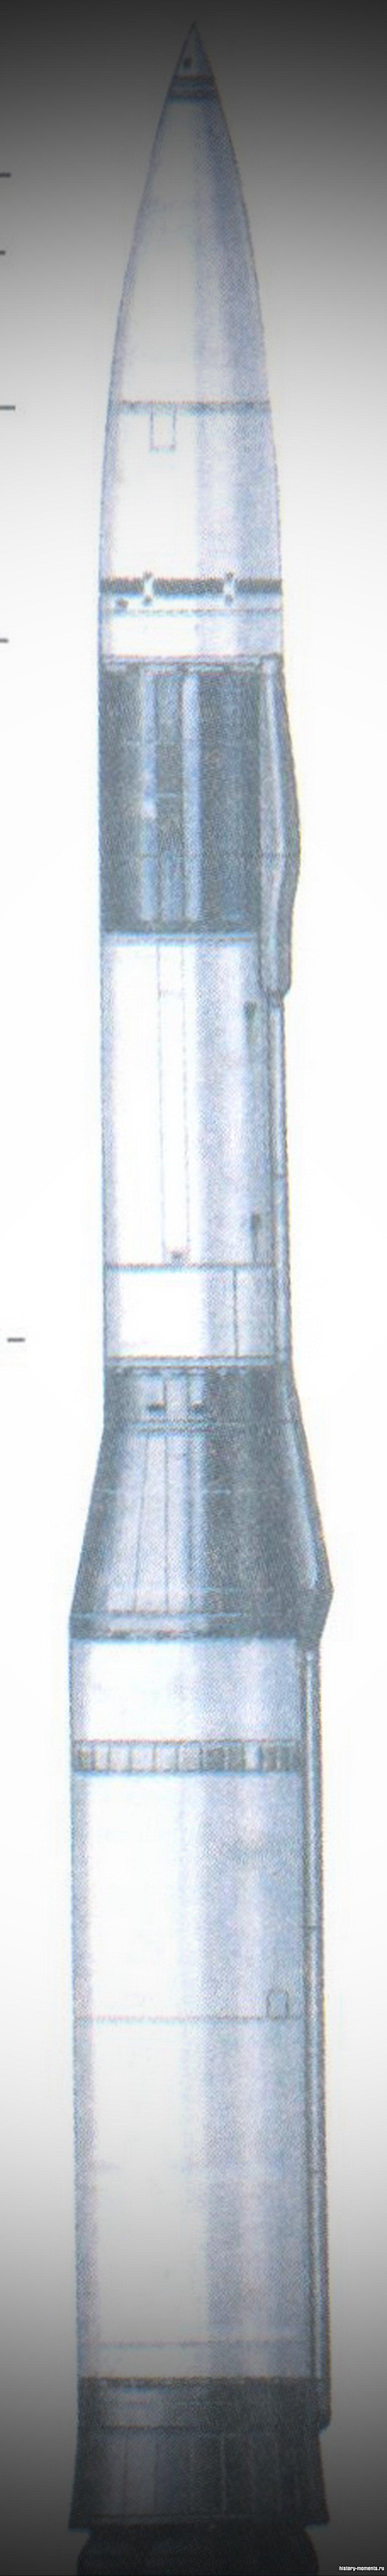 США и СССР нако пили огромные запасы ракет даль него радиуса действия. Американская ракета «Минит-мен», созданная в 1961 г., способна поразить цель на рас стоянии 8000 км.